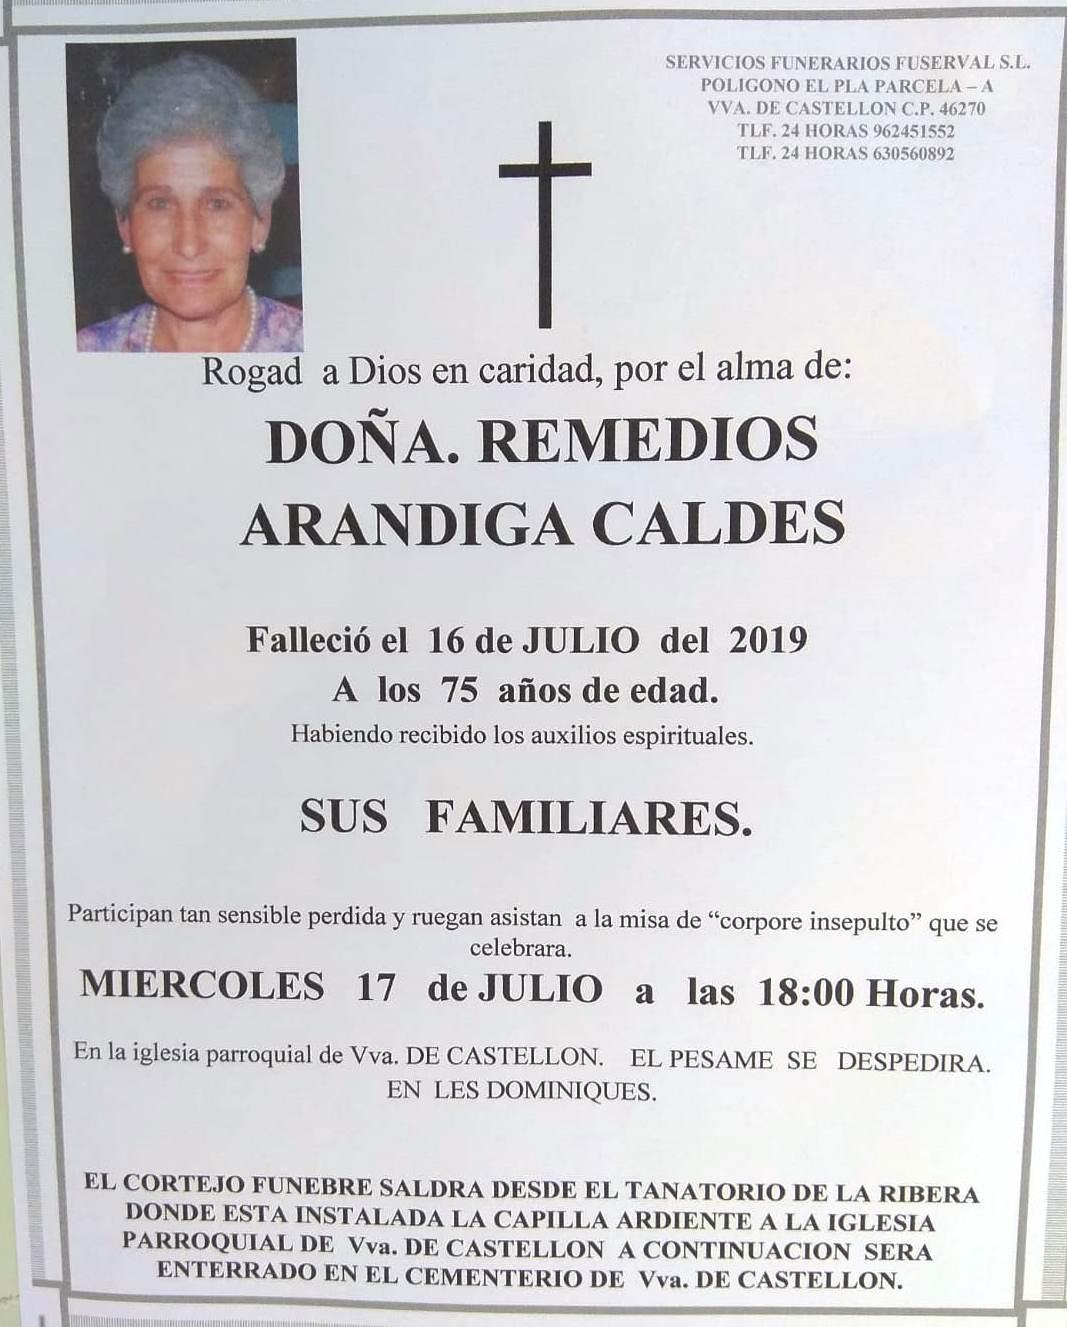 REMEDIOS ARANDIGA CALDES